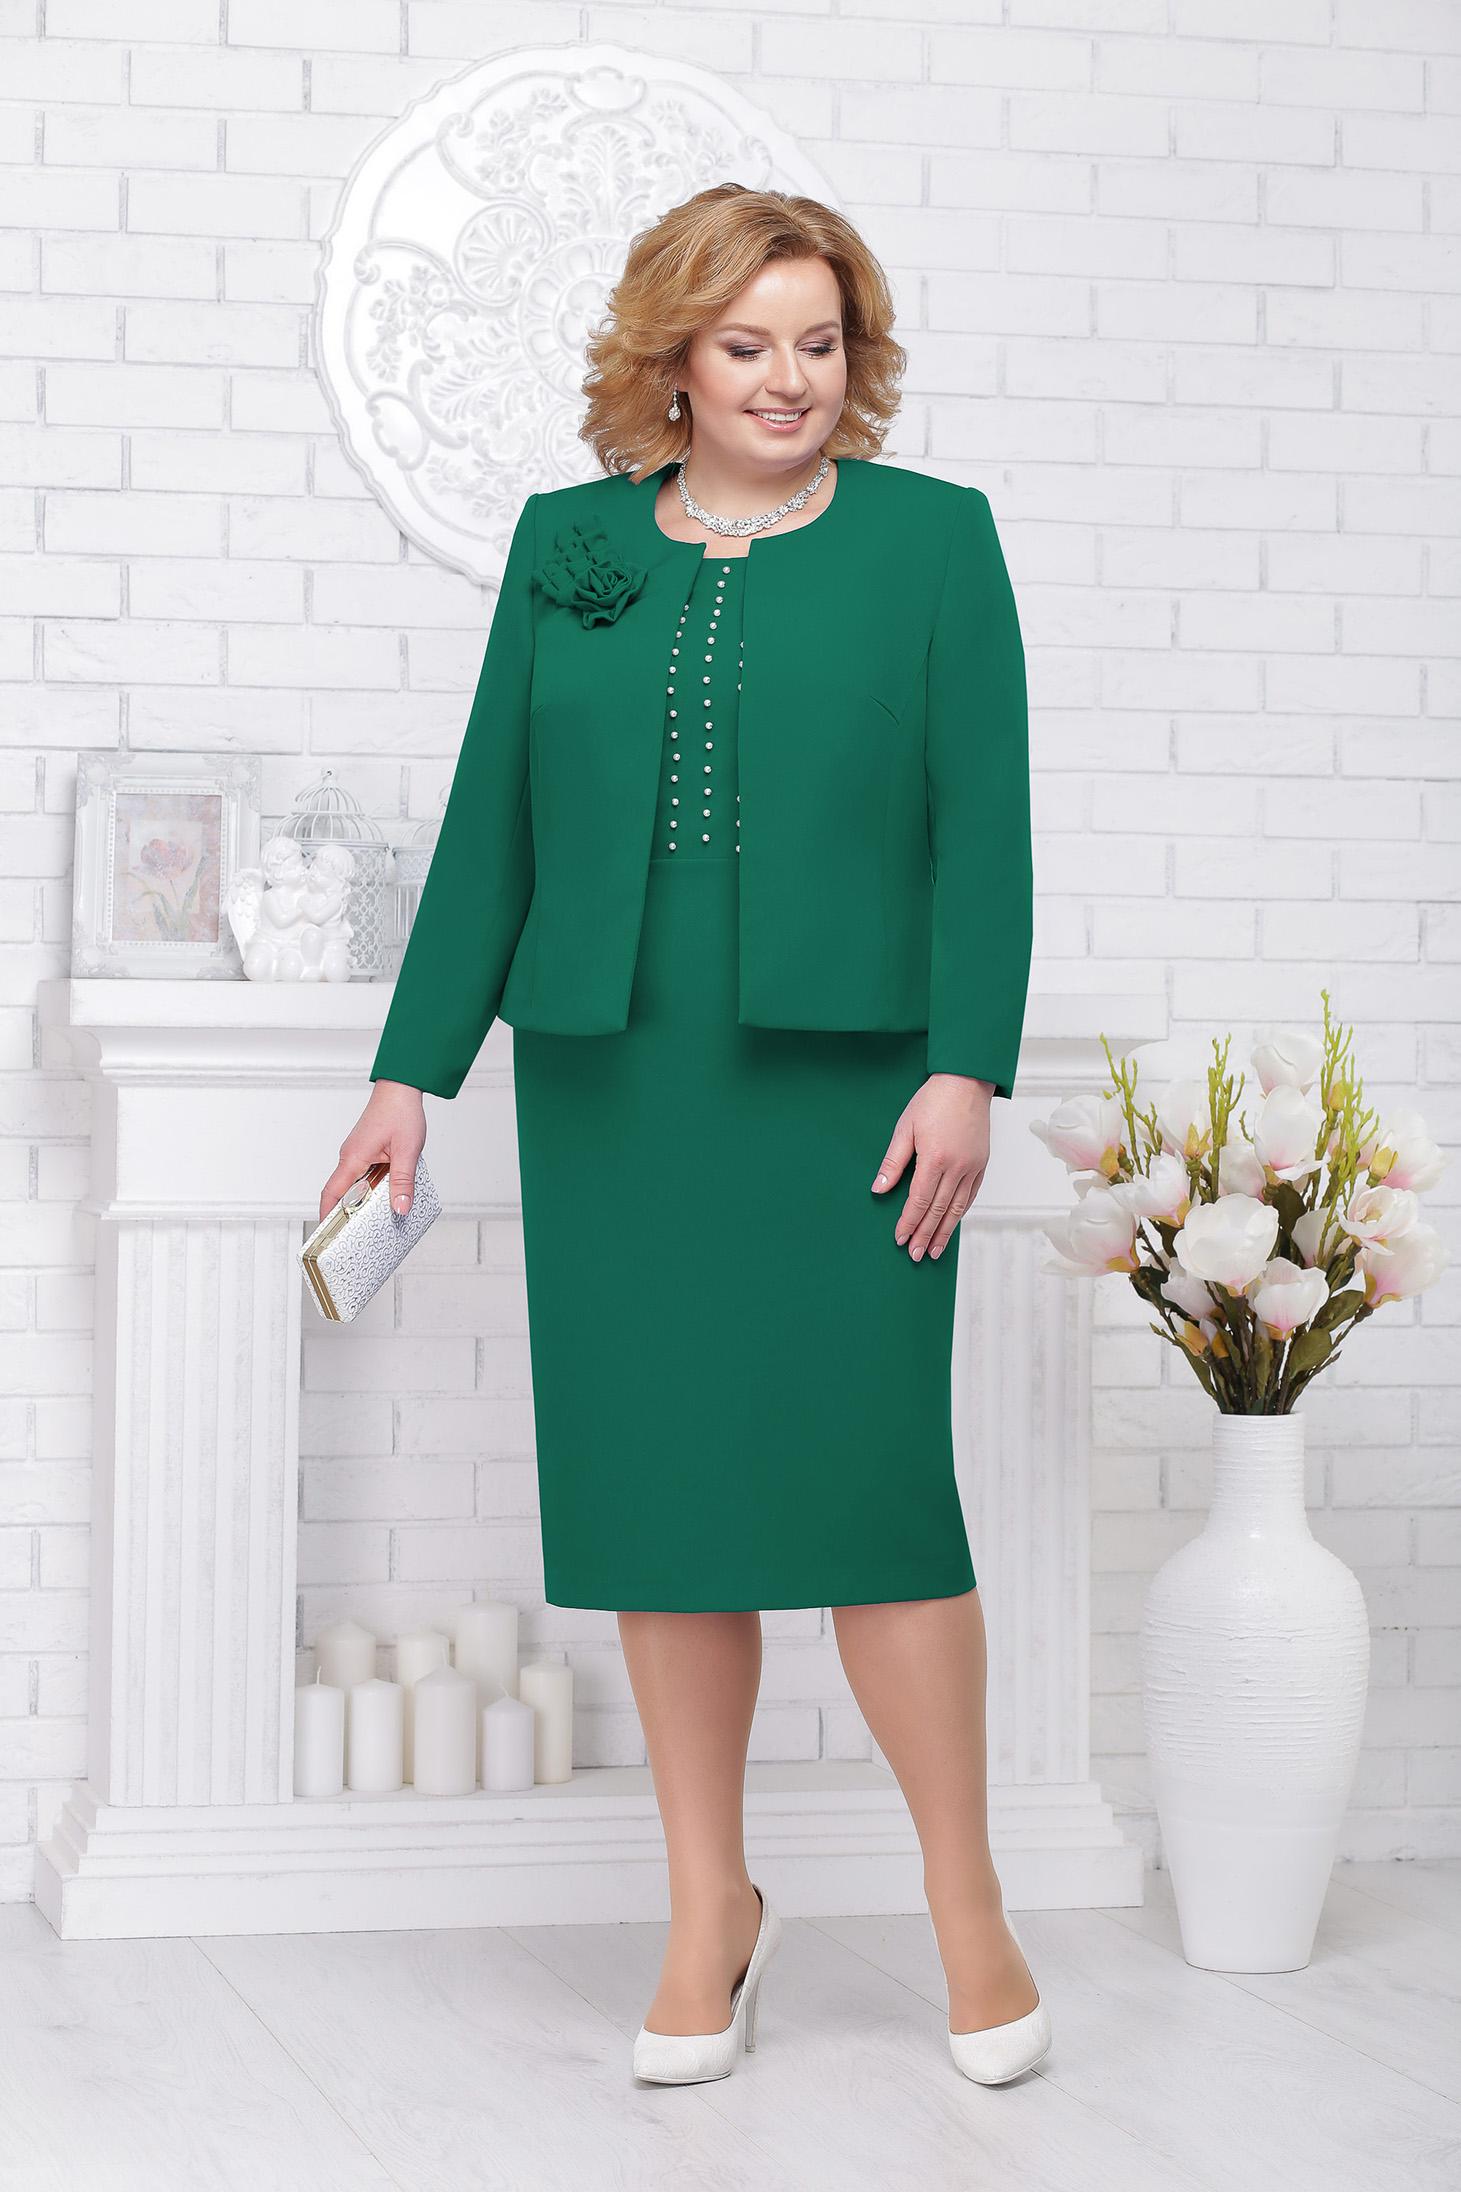 Zöld elegáns női kosztüm szövettel gyöngy díszítéssel